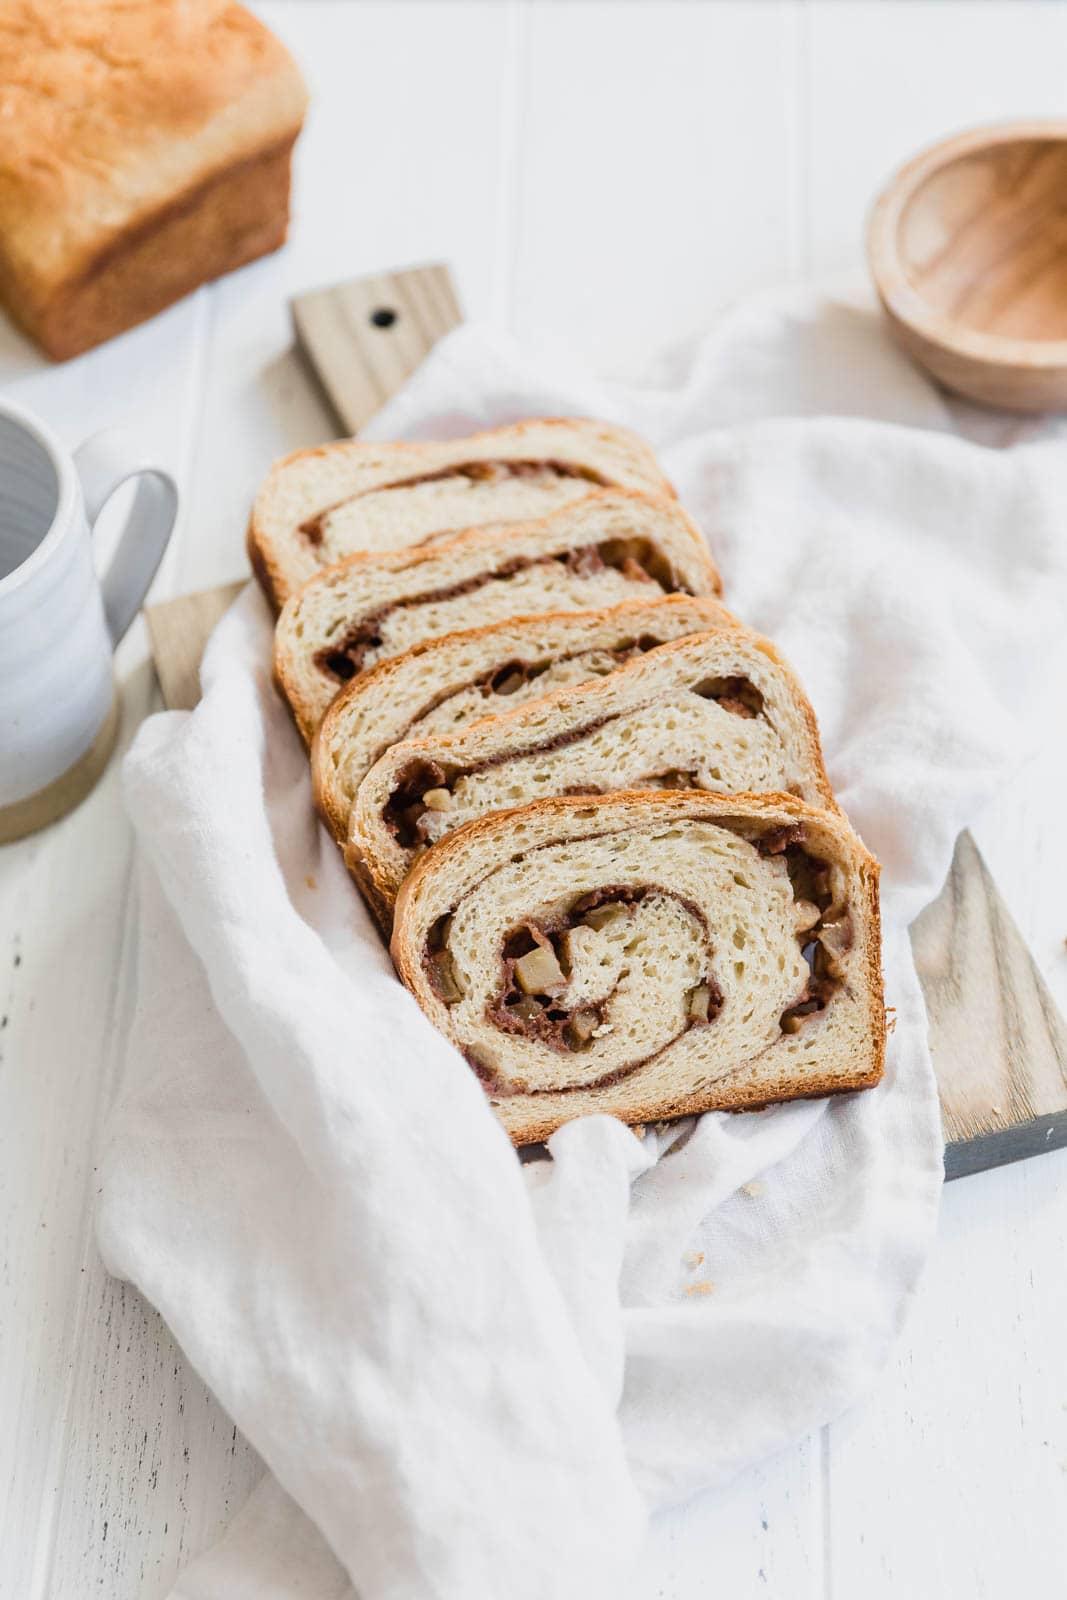 apple cinnamon bread slices on a towel